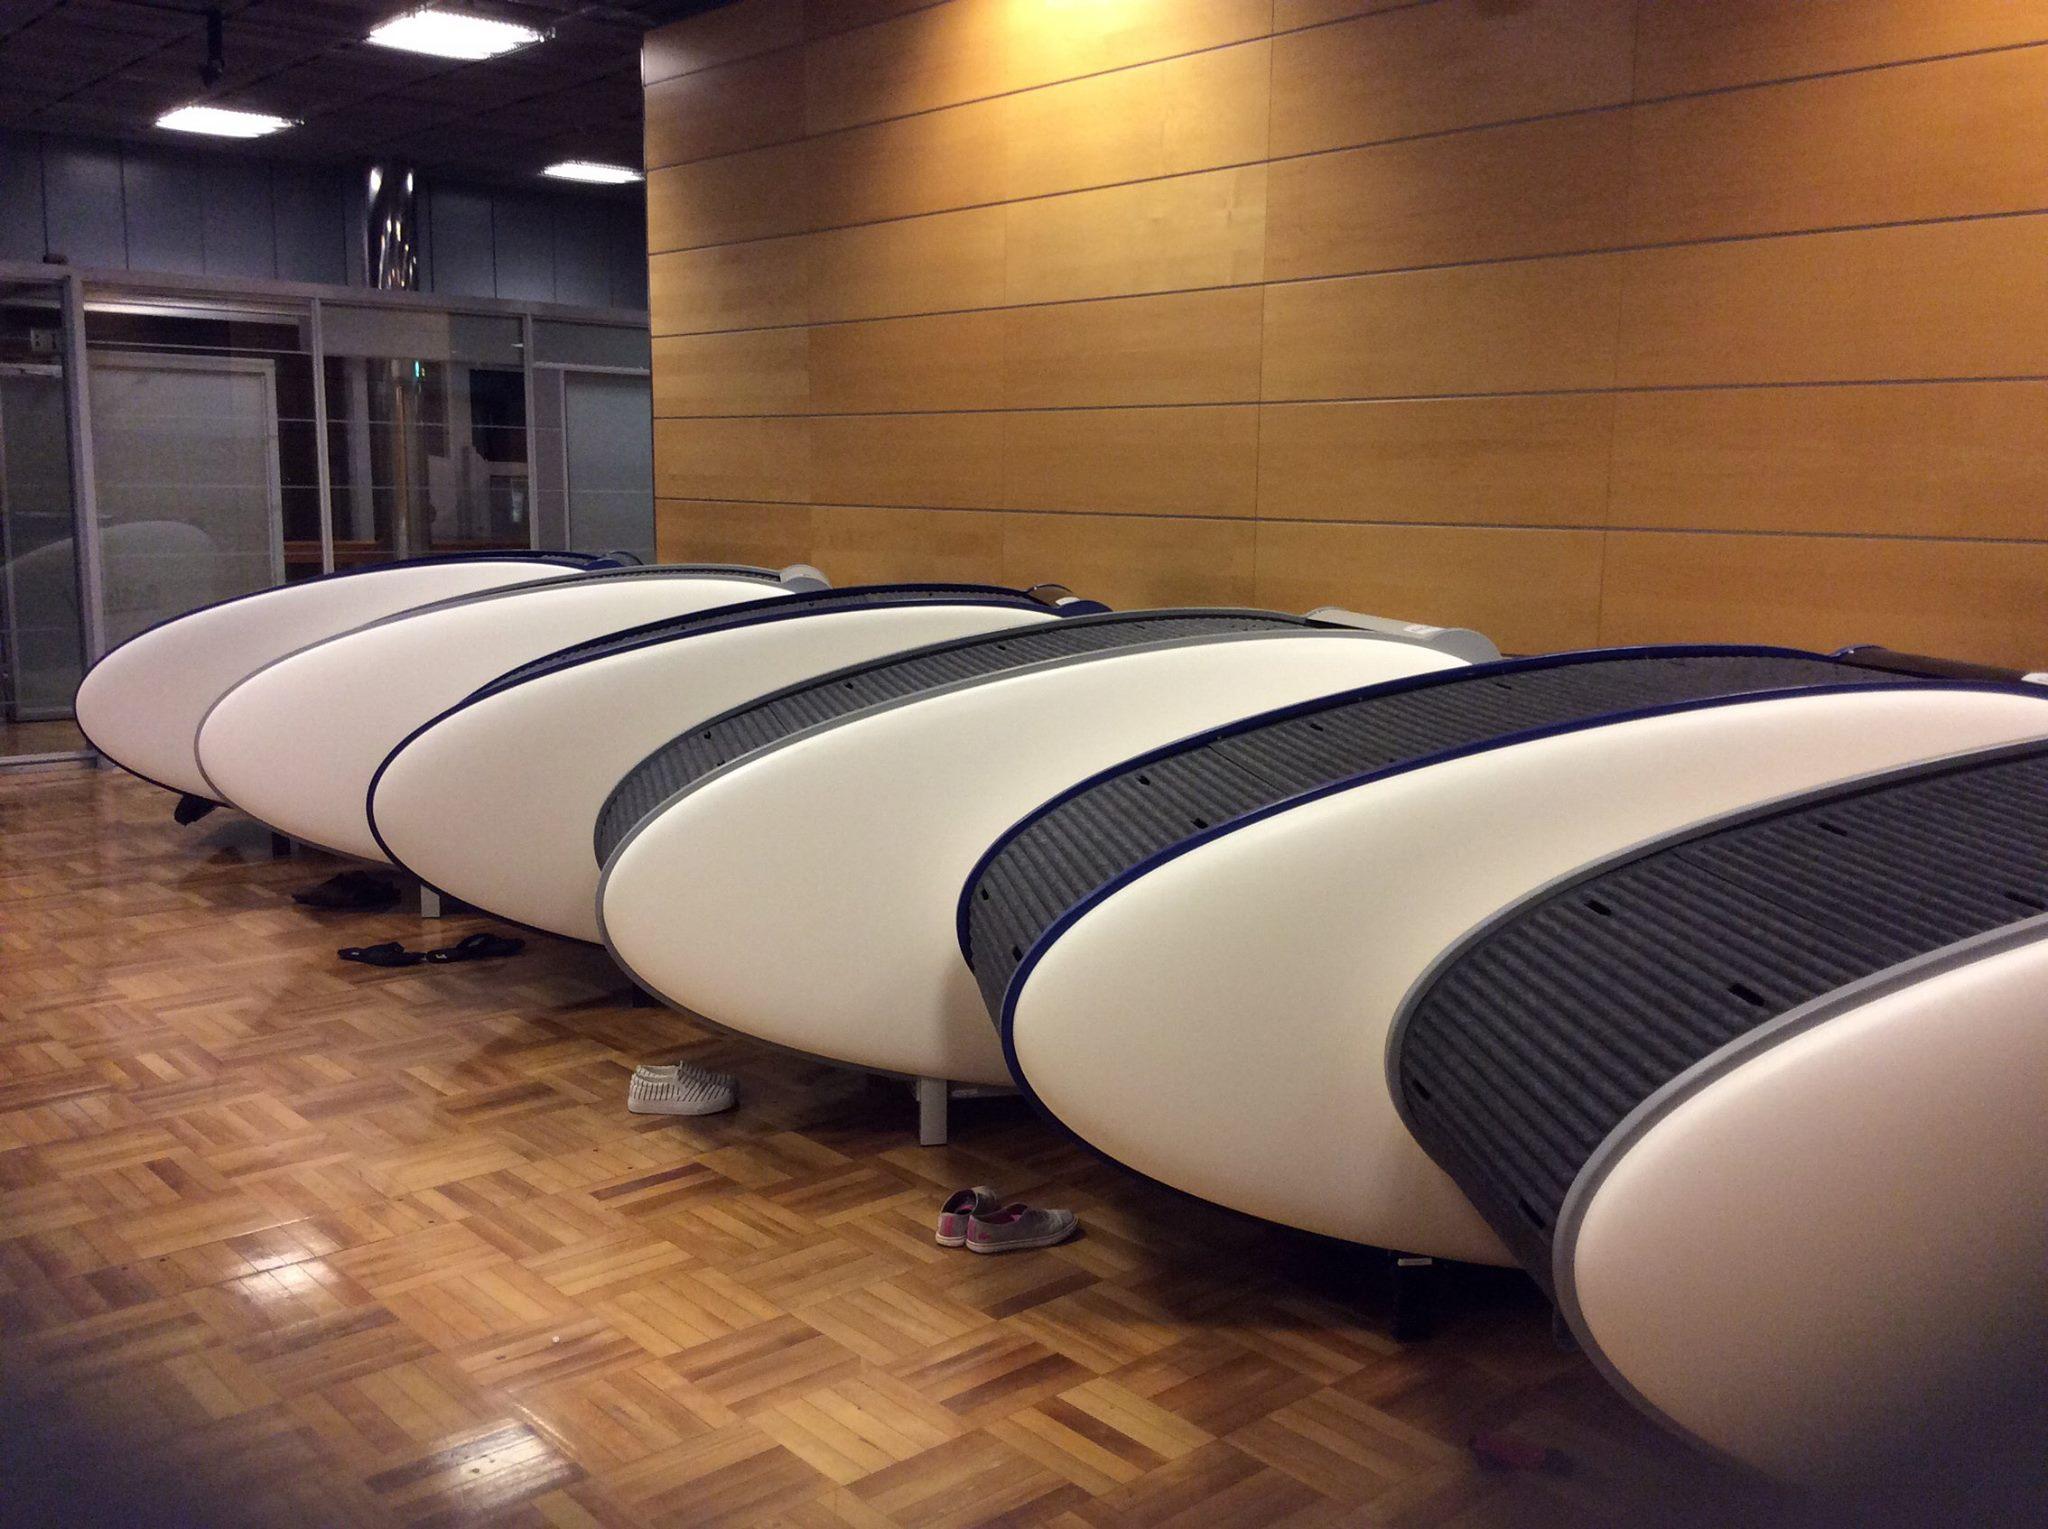 GoSleep Lounge at Helsinki Vantaa Airport